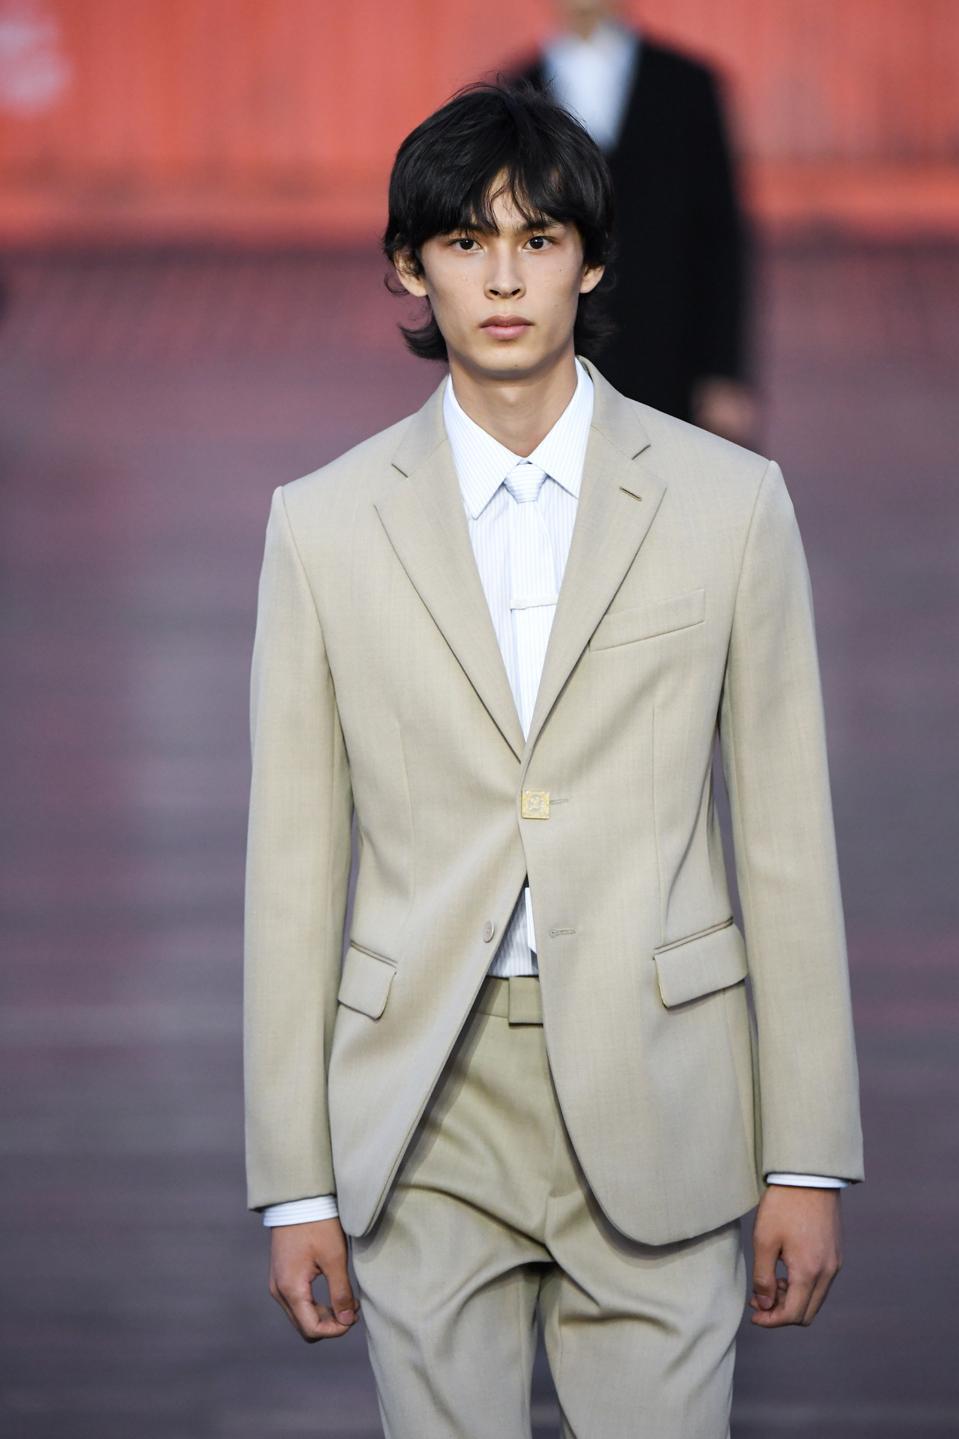 Louis Vuitton S/S21 Men's Collection